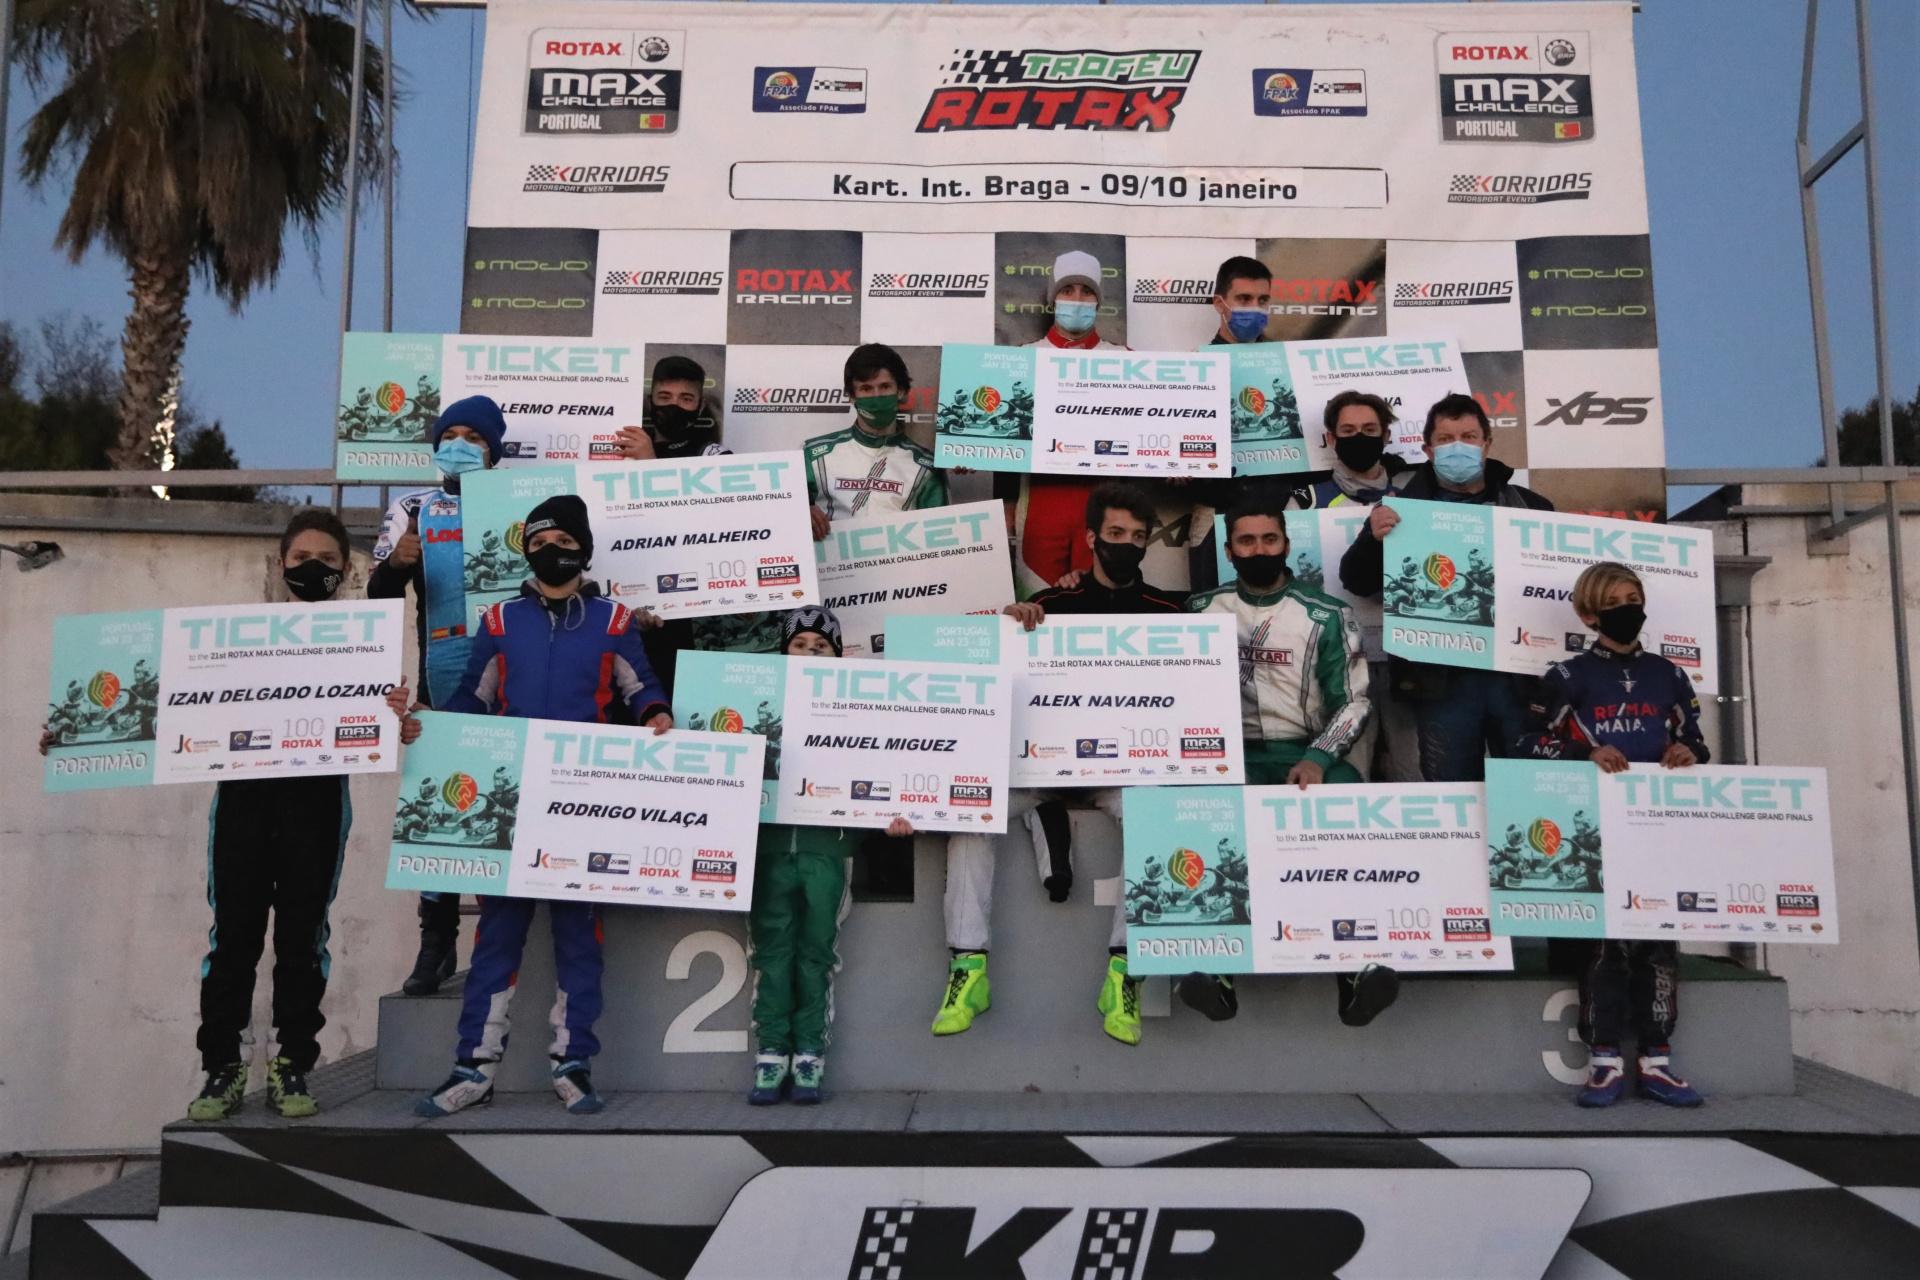 Trofeu Rotax - Final positivo para nuestros representantes en el Kartodromo Internacional de Braga